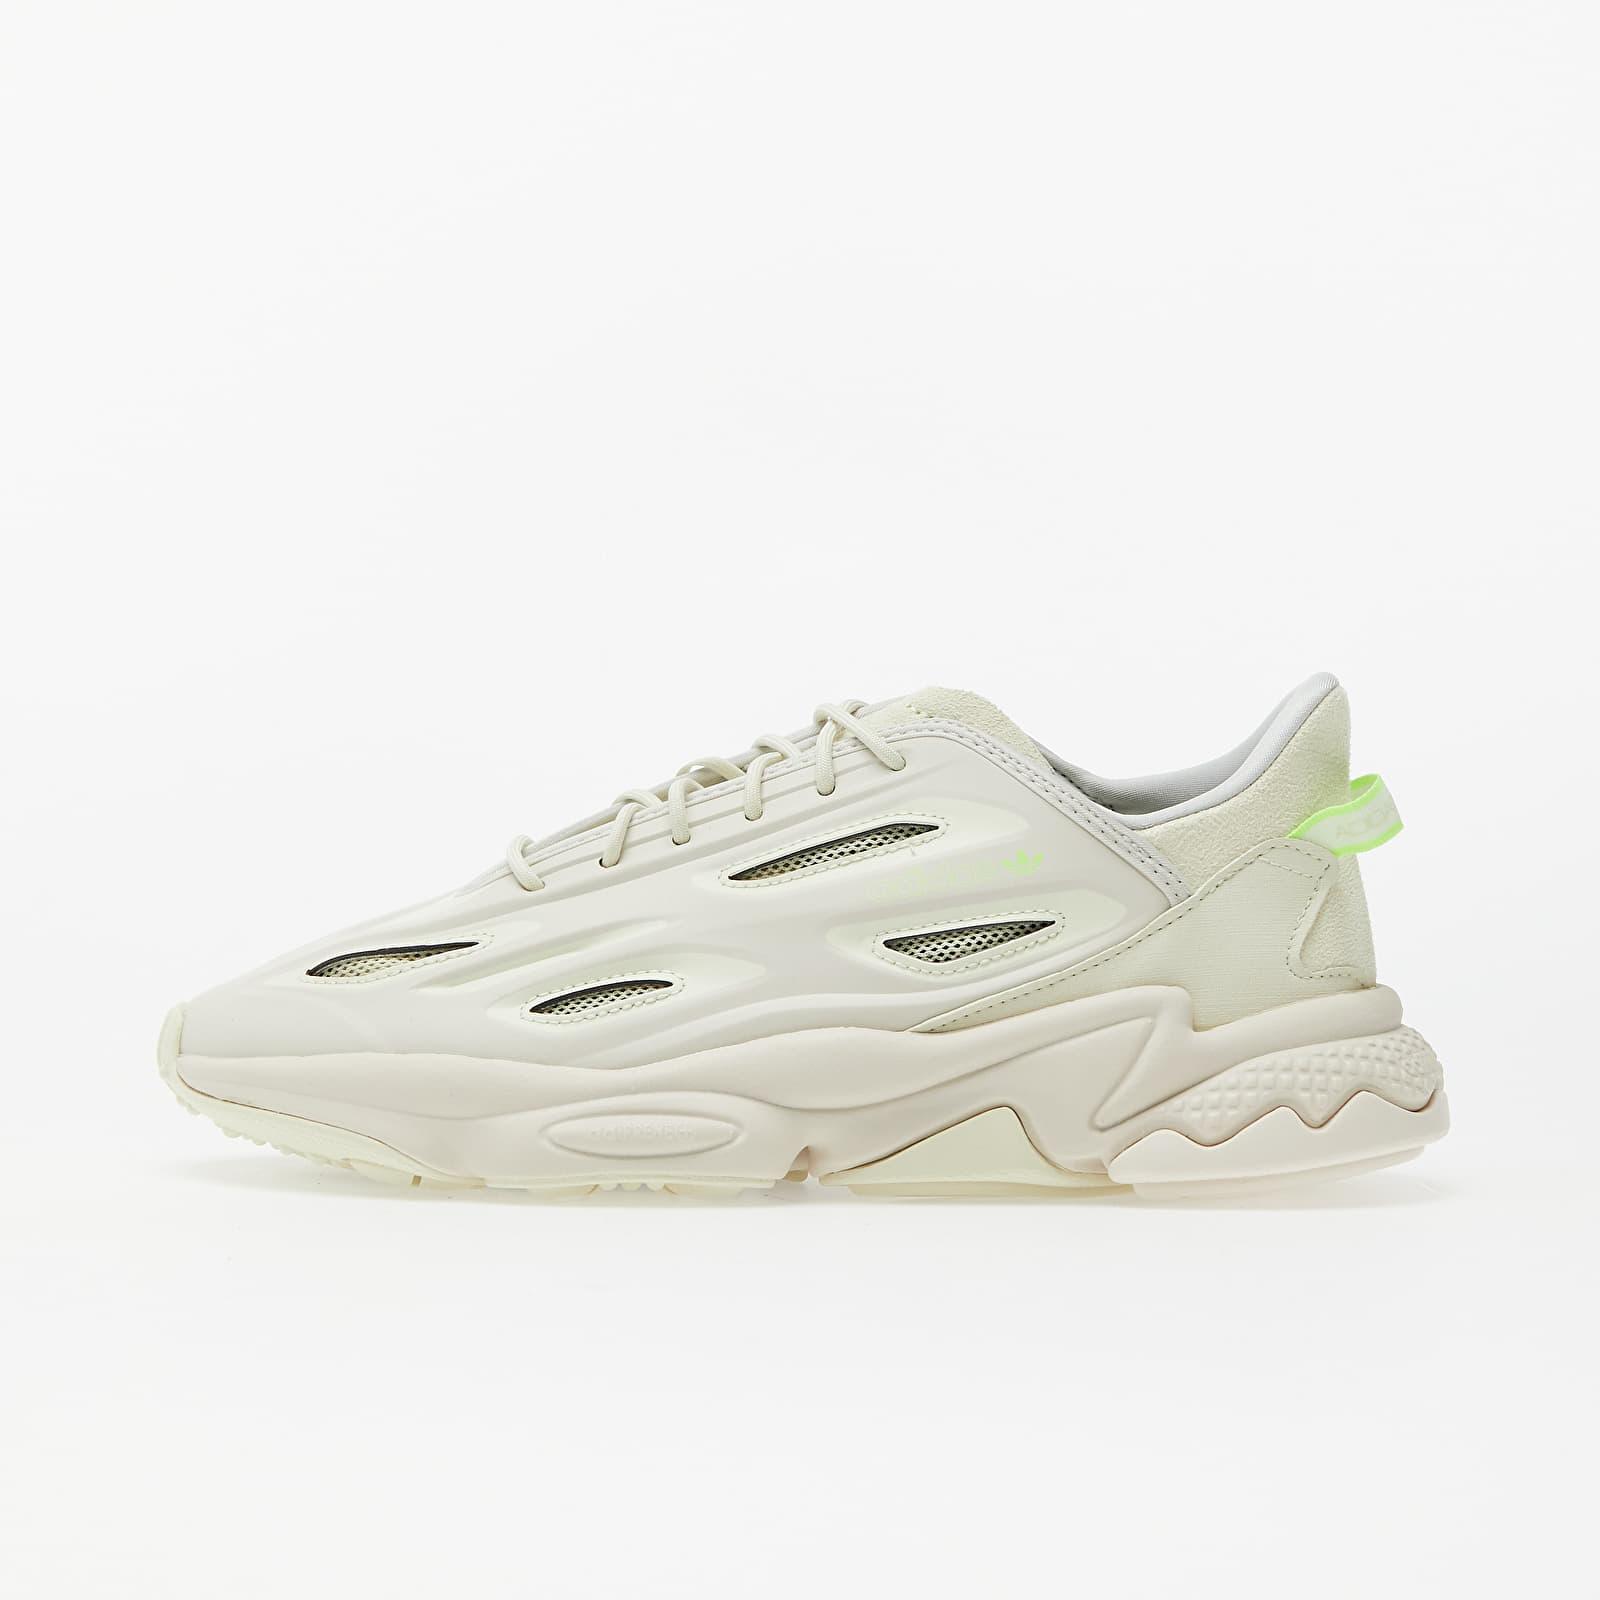 adidas Ozweego Celox W Talc/ Sand/ Signal Green EUR 37 1/3